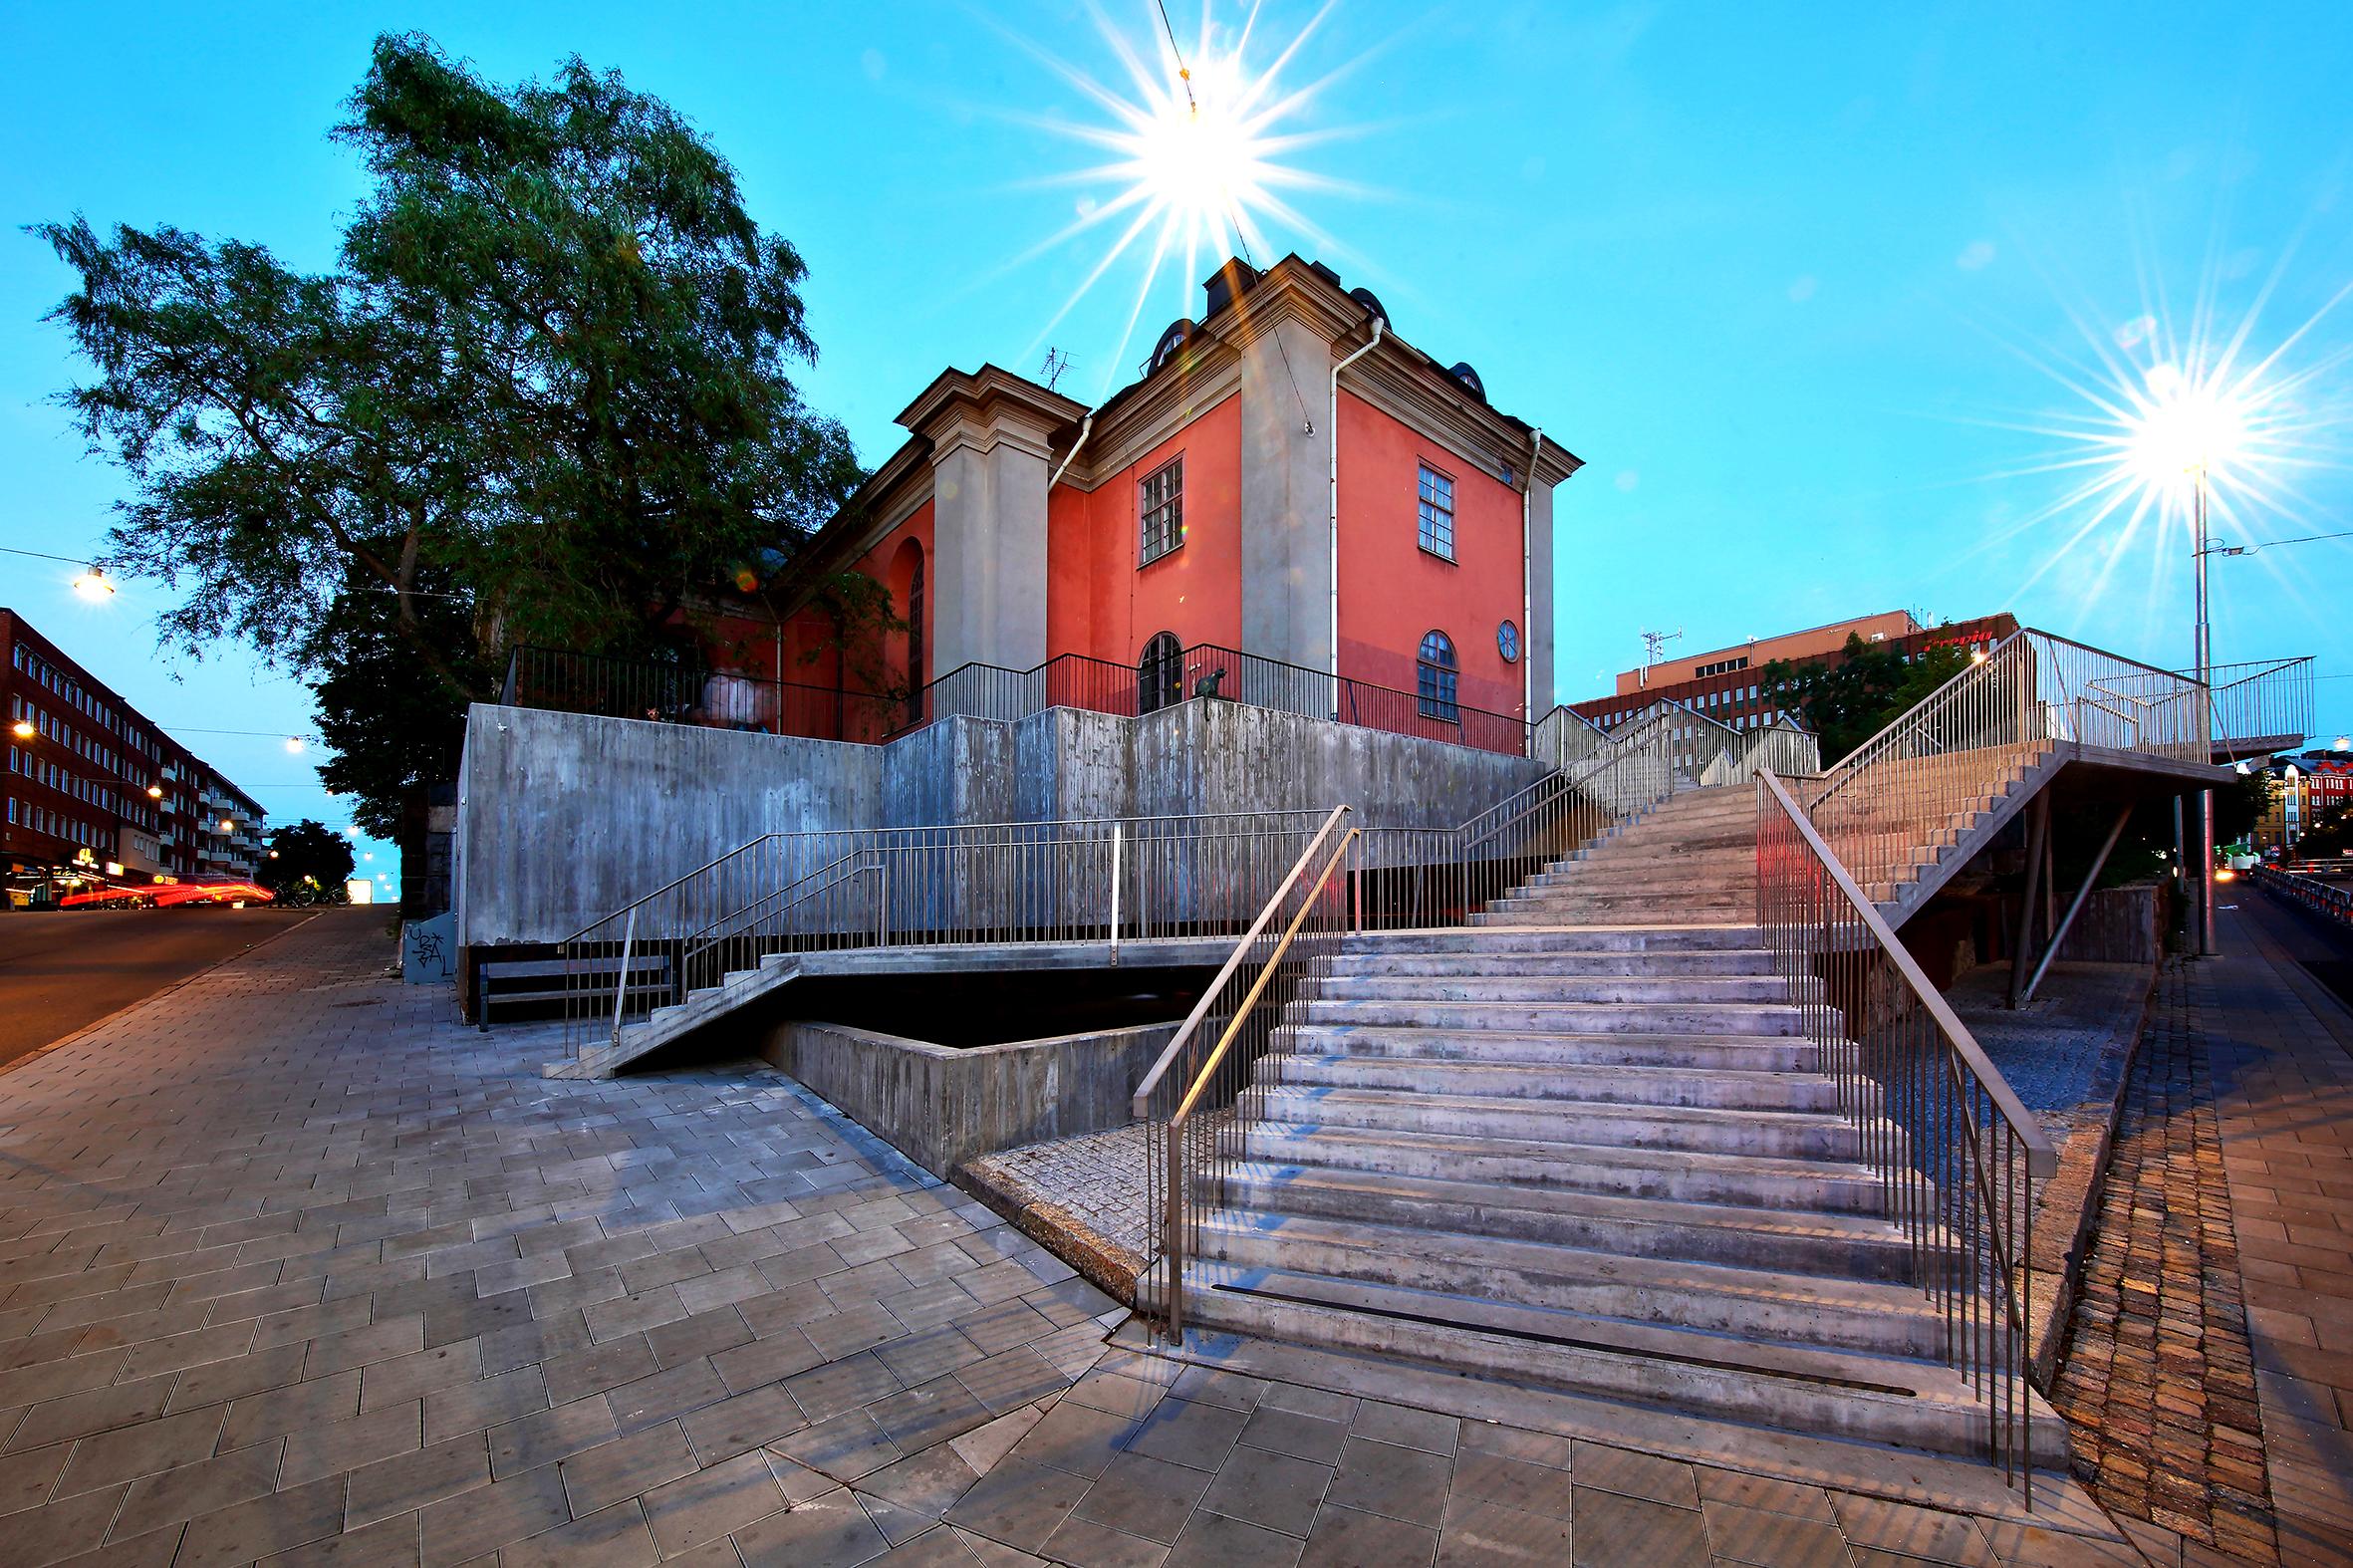 Trappan och murarna är gjutna i platsgjuten betong med brädform. Räckena är utförda av rostfria stålstänger som fäst in separat på antingen sida eller inne i trappan beroende på placering för att ge de olika delarna en variation och tydlighet.